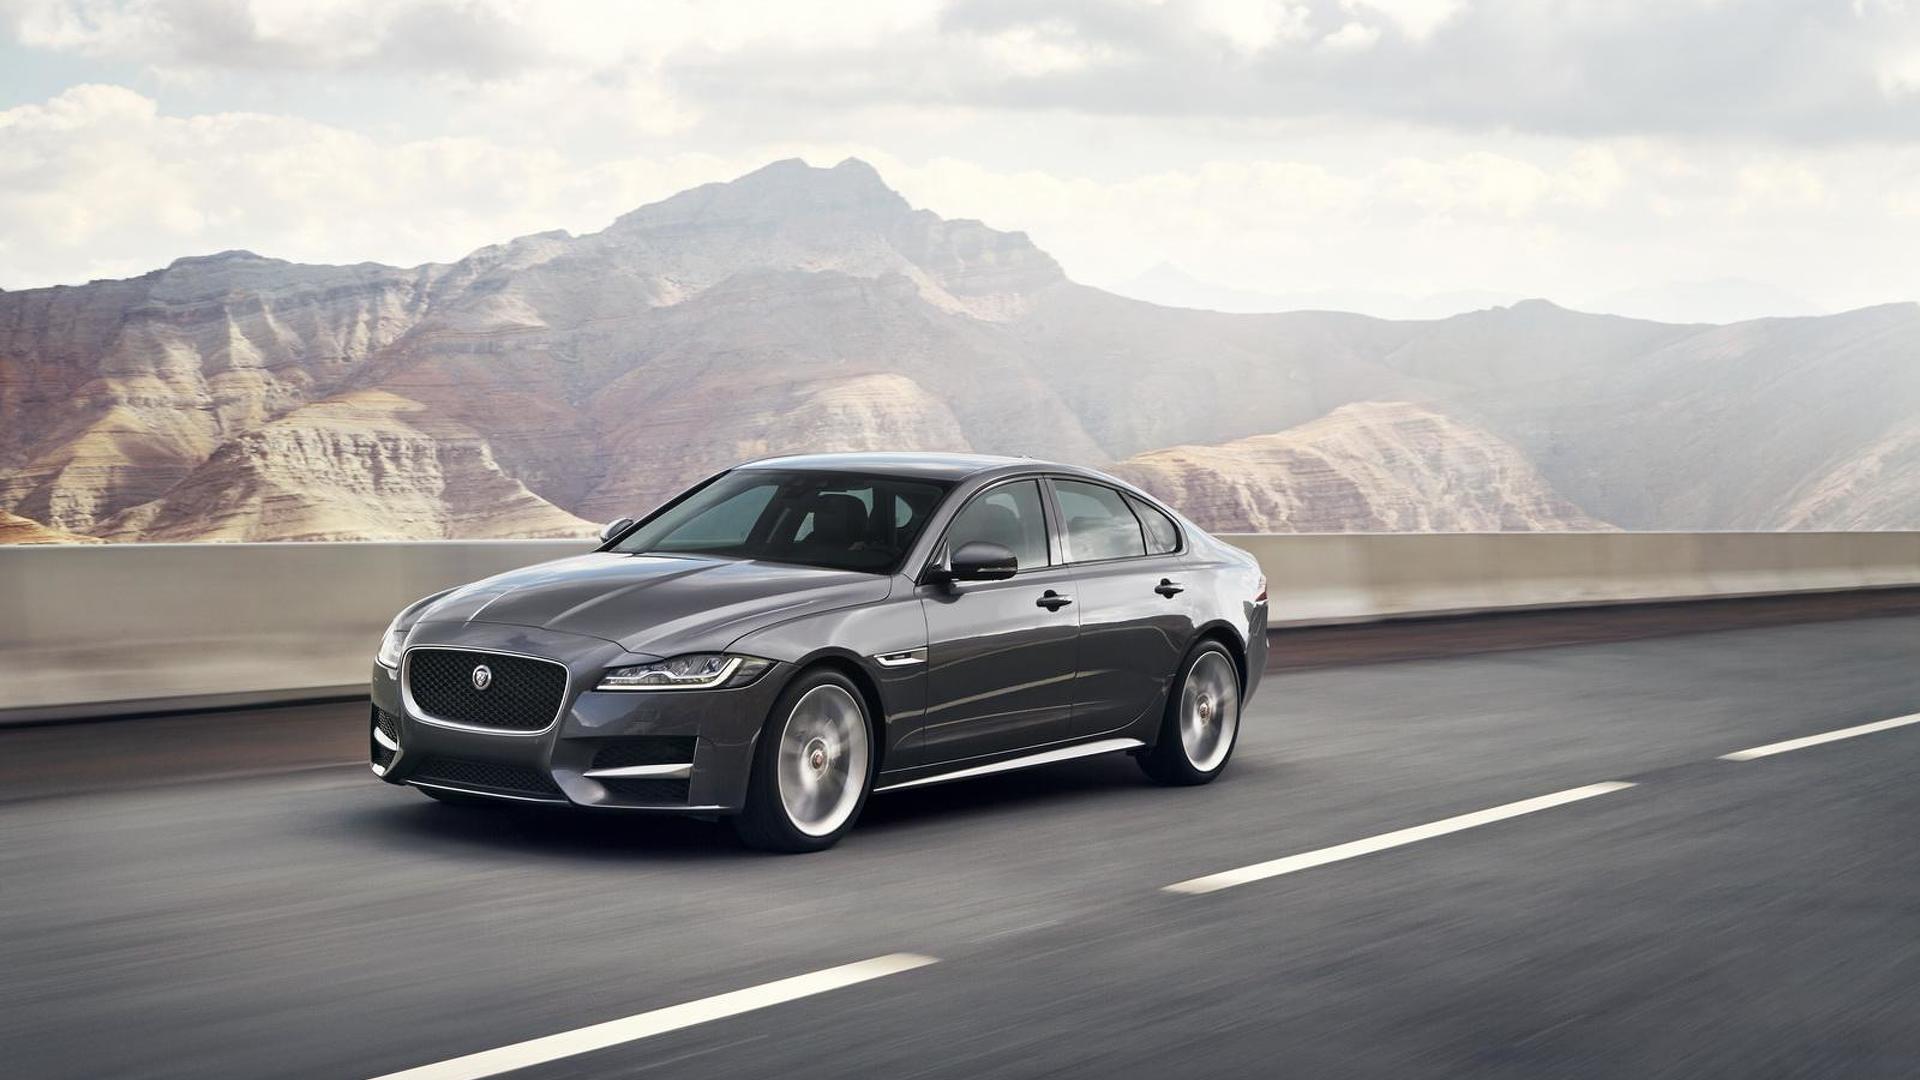 alert recall cars news jaguar com img xf price articles